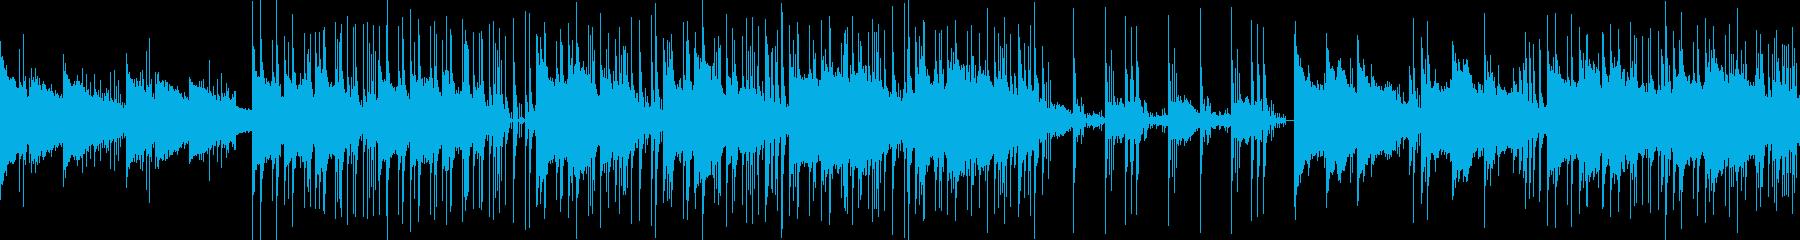 おしゃれでポップなBGM風の再生済みの波形